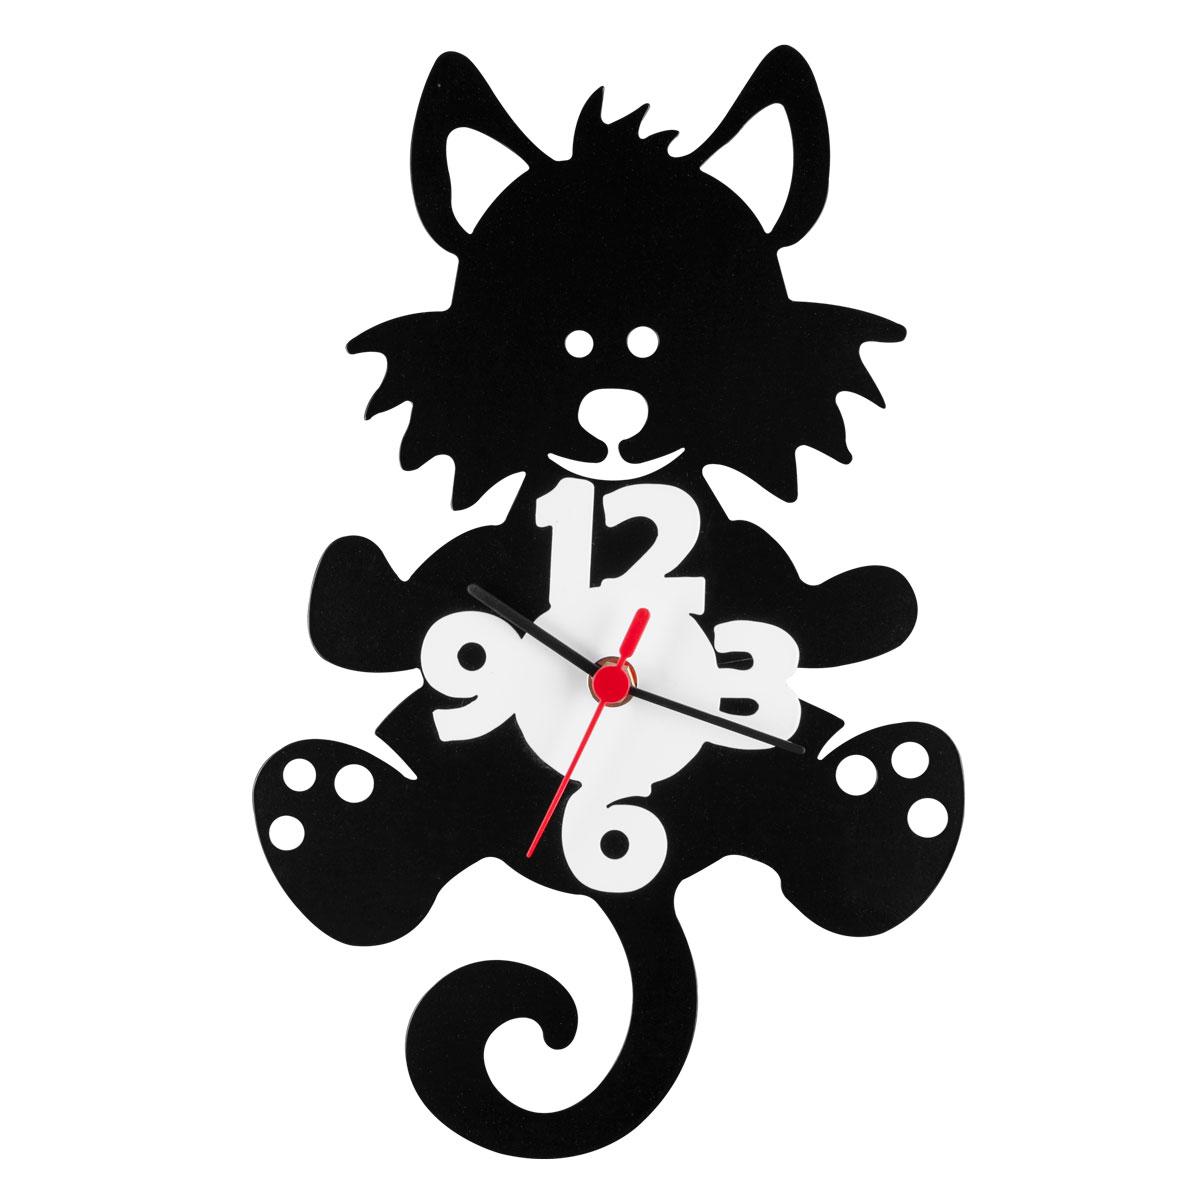 Часы настенные Miolla Котик, цвет: черный, белыйCH015Оригинальные настенные часы круглой формы выполнены из стали. Часы имеют три стрелки - часовую, минутную и секундную и циферблат с цифрами. Необычное дизайнерское решение и качество исполнения придутся по вкусу каждому. Оформите свой дом таким интерьерным аксессуаром или преподнесите его в качестве презента друзьям, и они оценят ваш оригинальный вкус и неординарность подарка.